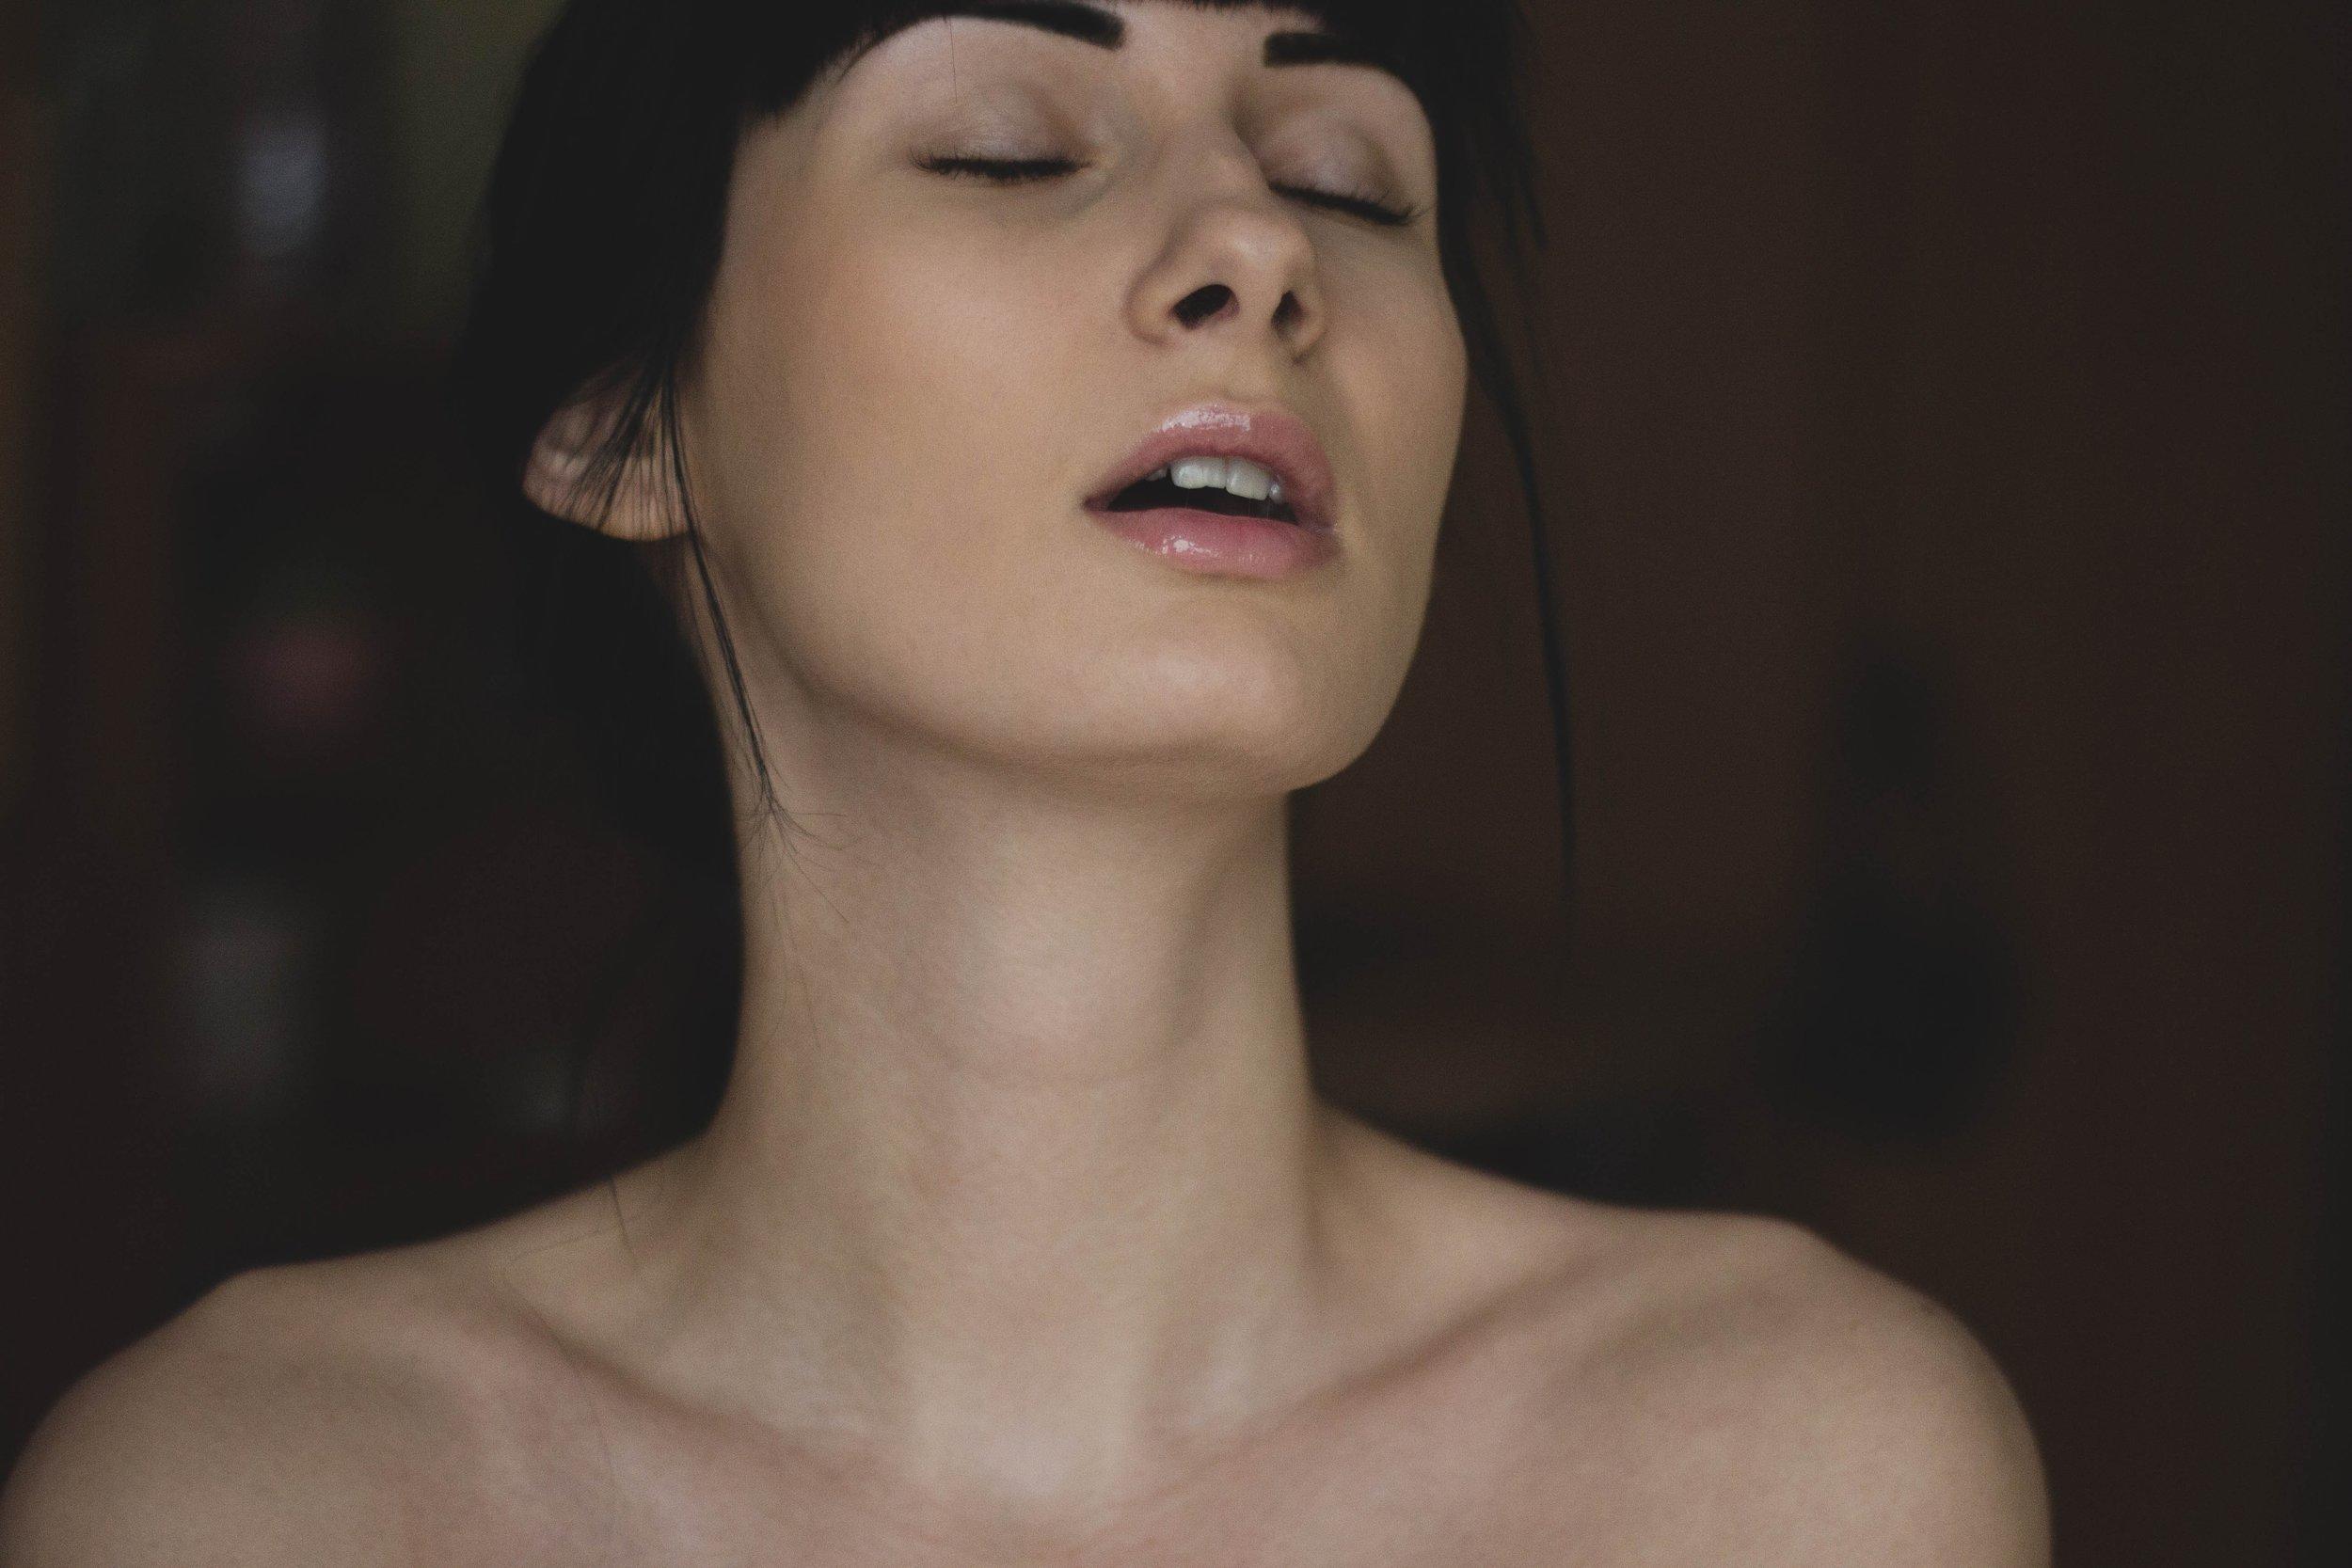 erotic-model-nude-185481.jpg